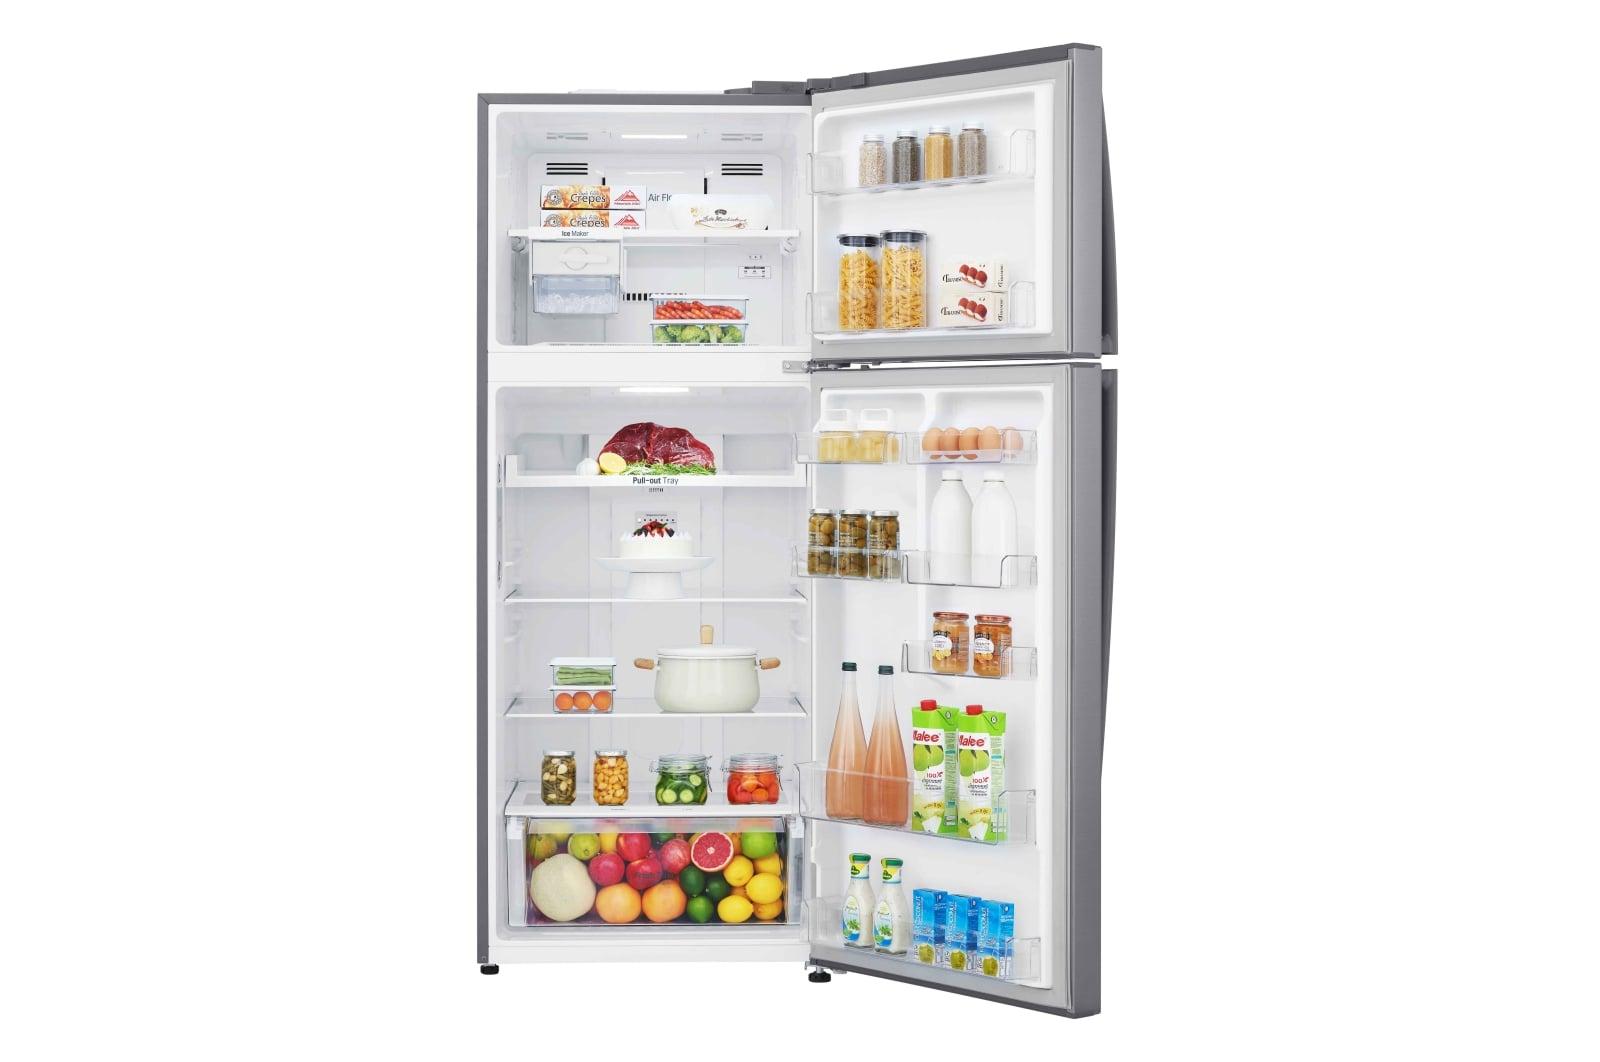 LG Top Mount Freezer, Platinum Silver, Inverter Linear Compressor, DoorCooling+, Multi Air Flow GR-C619HLCN